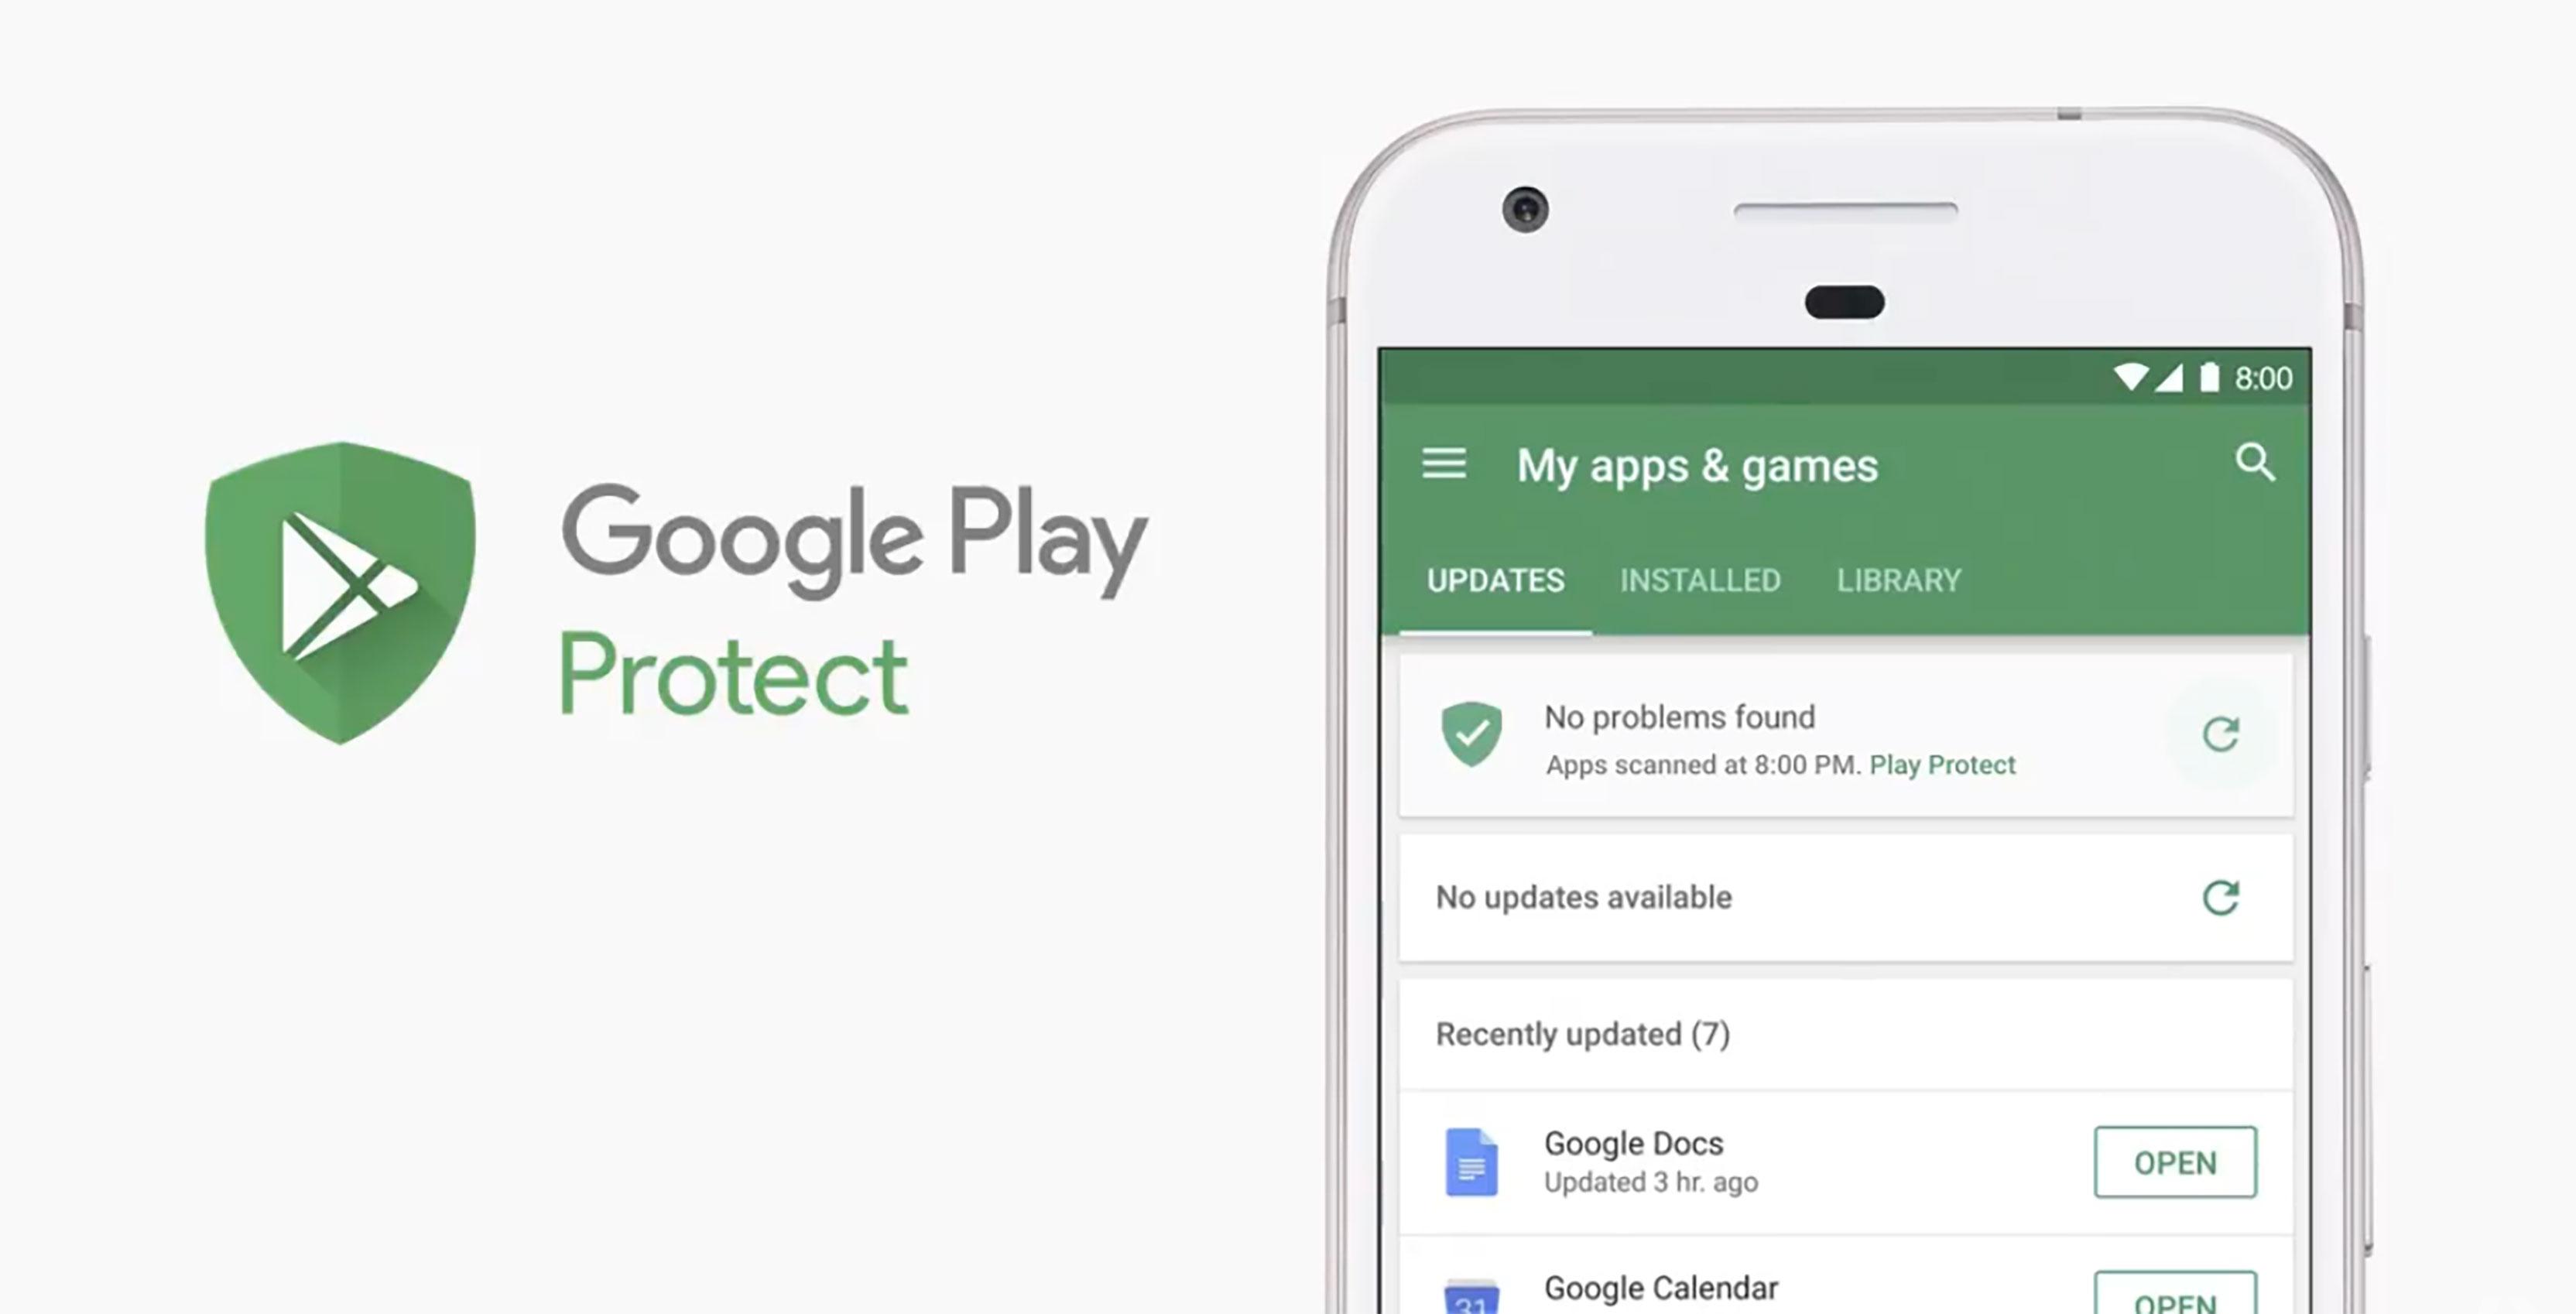 تطبيق جديد من جوجل لحماية الهواتف من الفيروسات